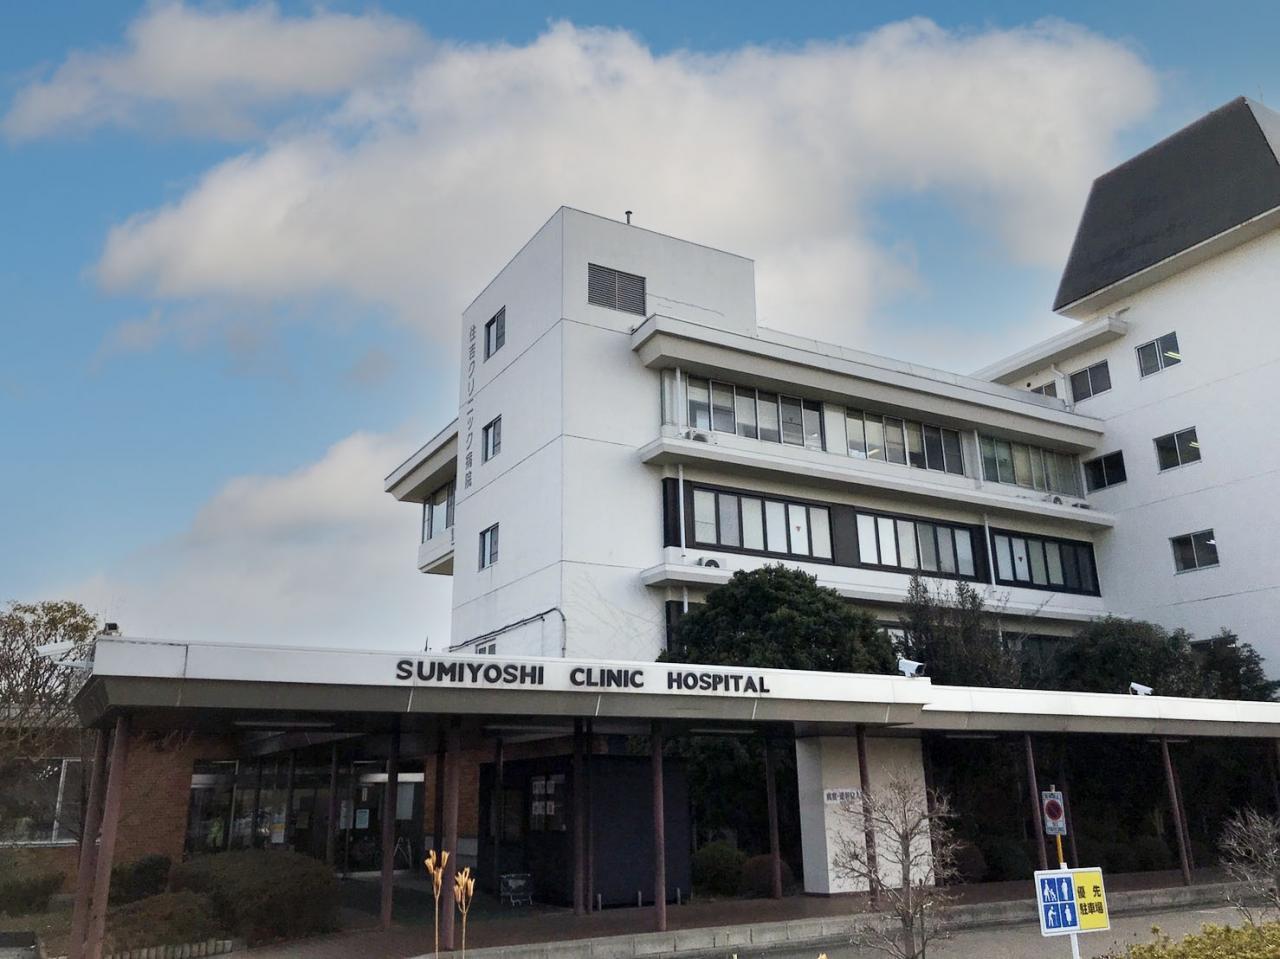 住吉クリニック病院